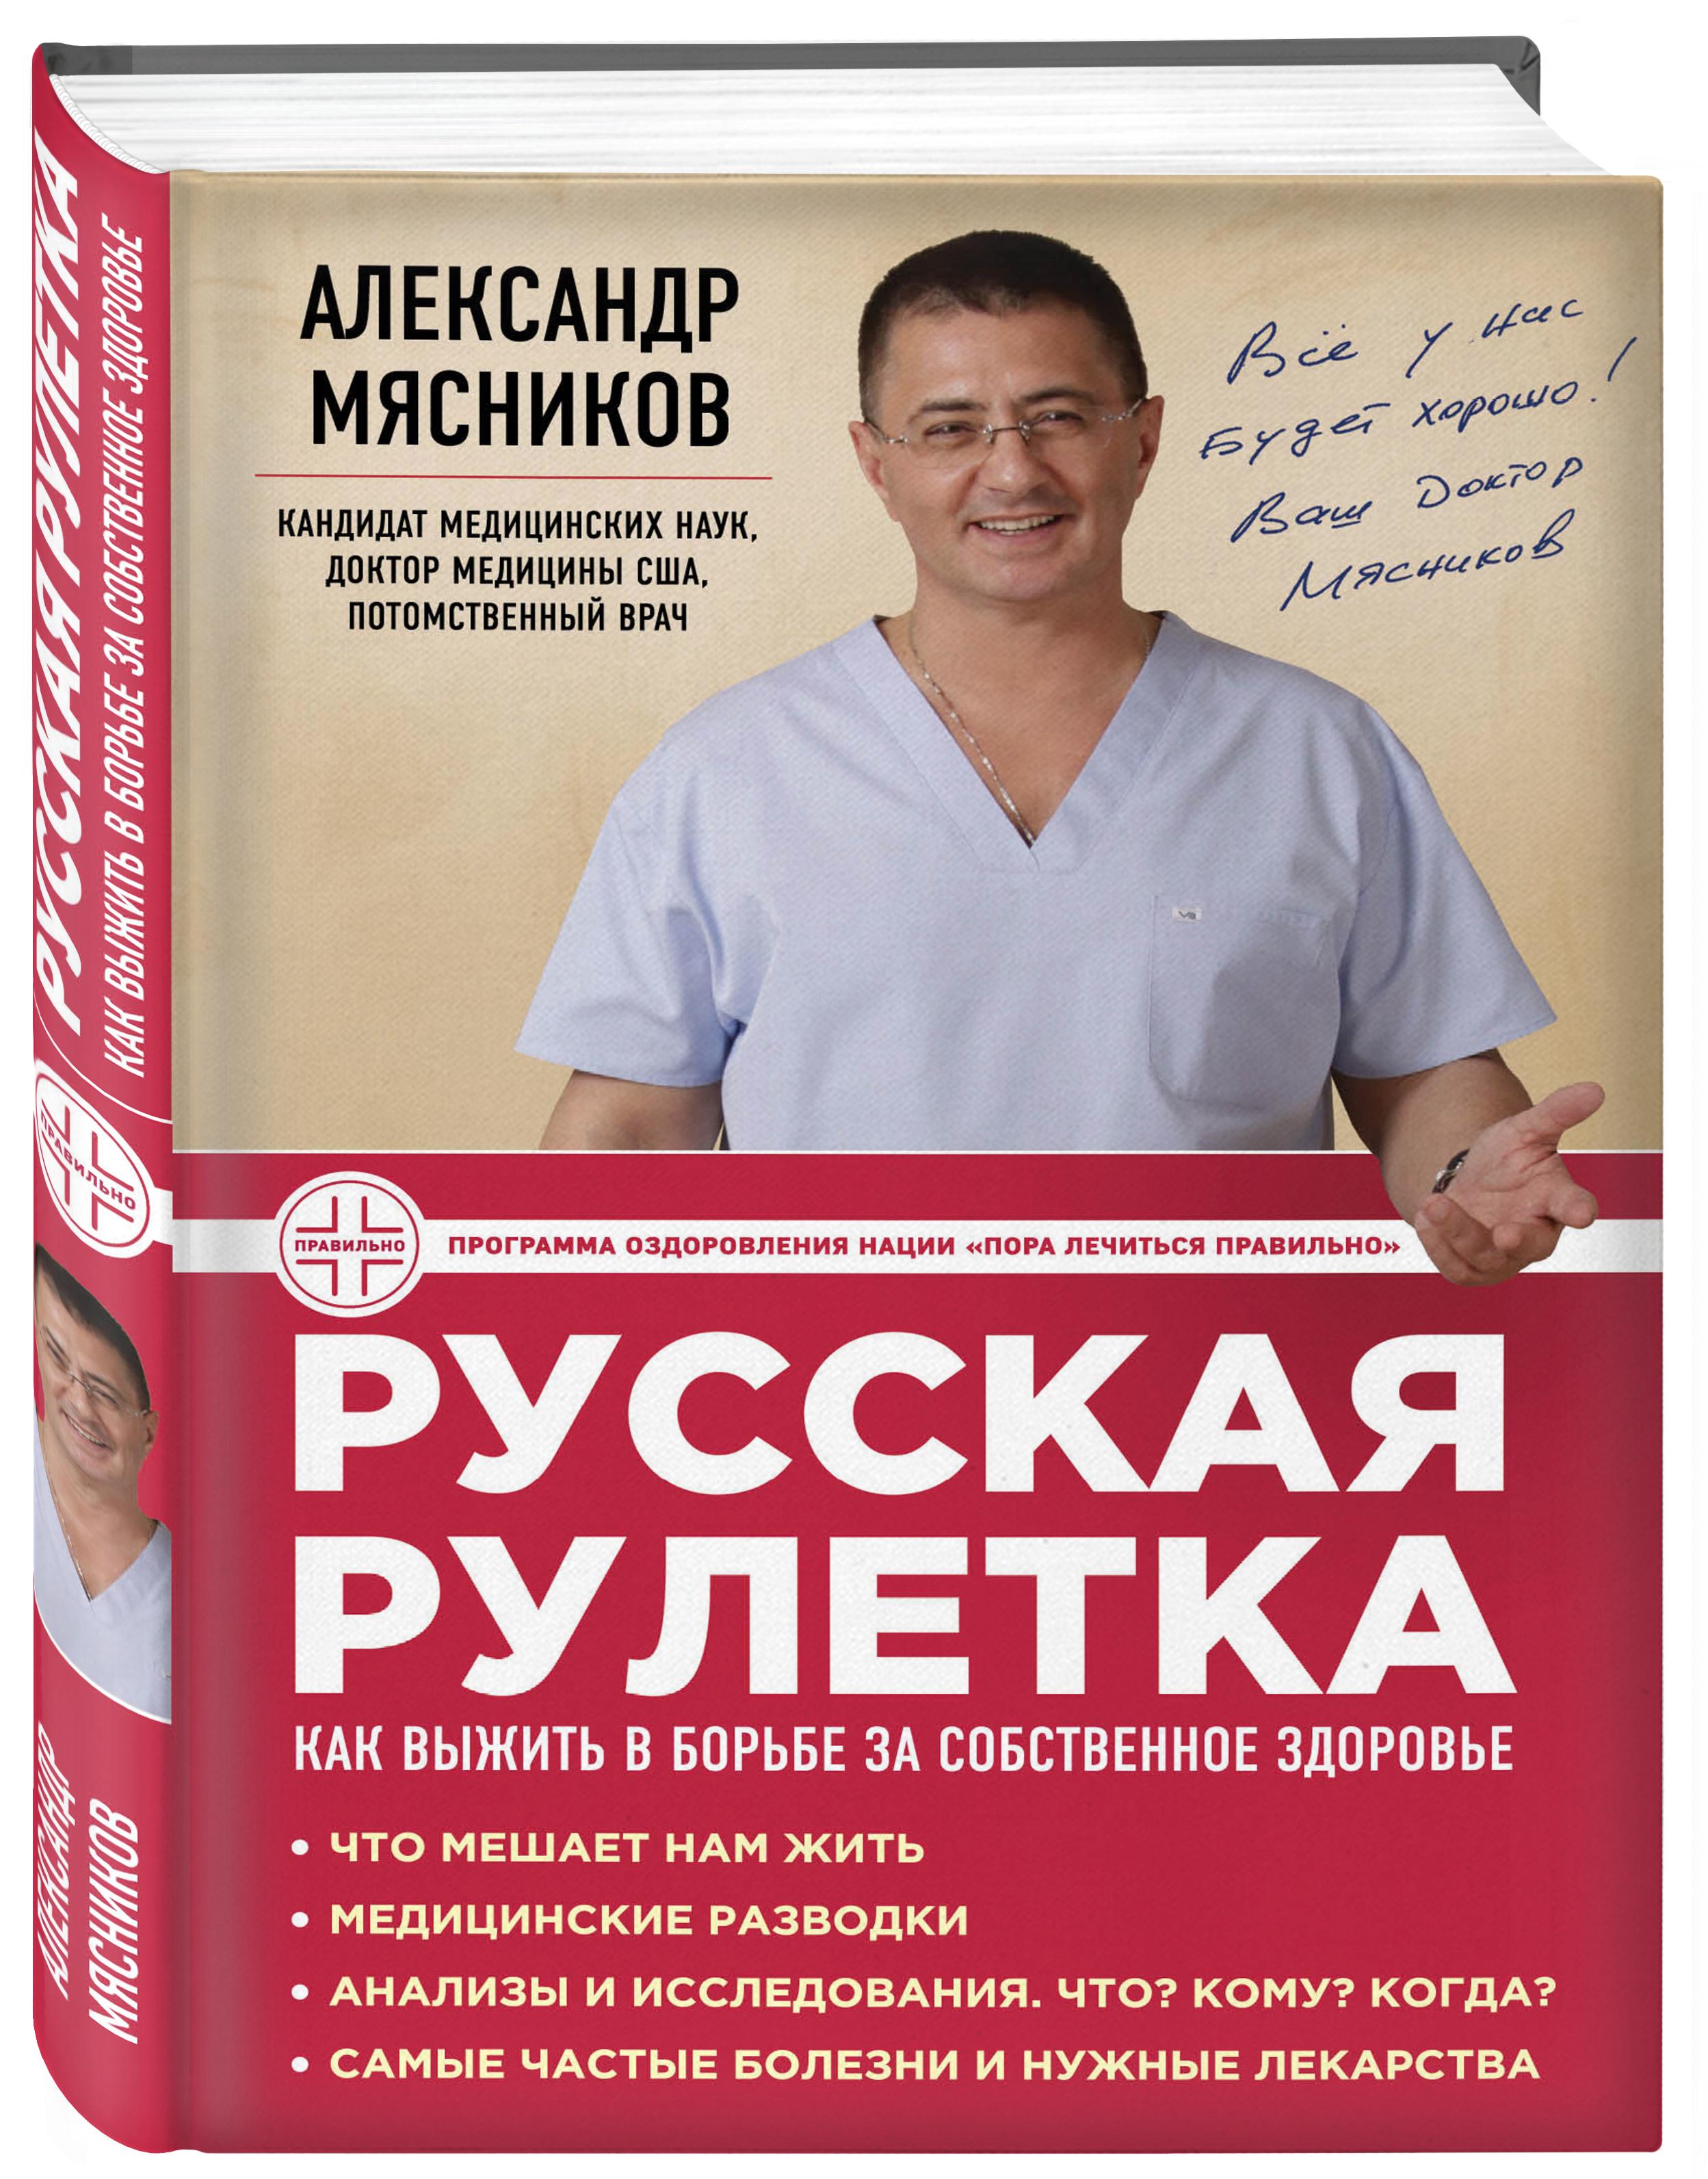 Александр Мясников Русская рулетка: Как выжить в борьбе за собственное здоровье